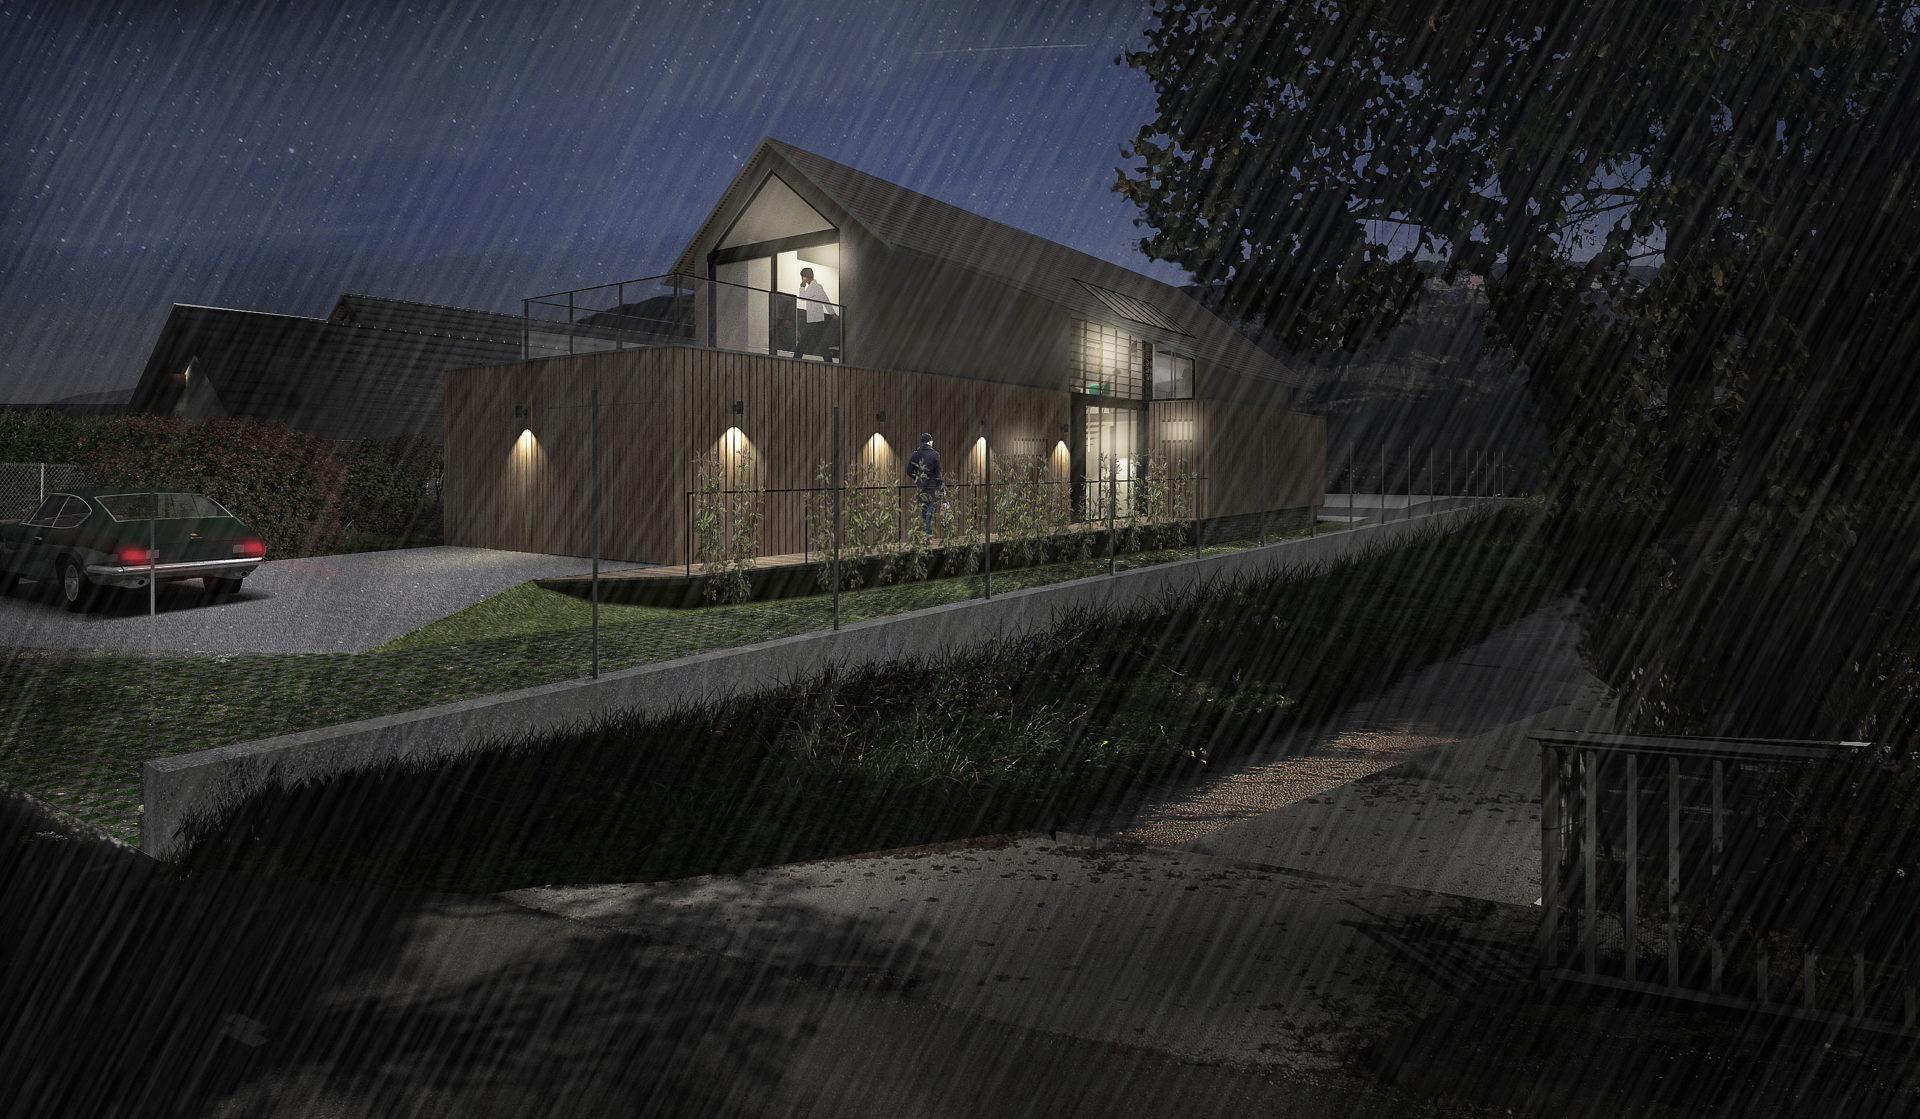 ASB architecte chambery savoie maison ossature bois bourdeau 8